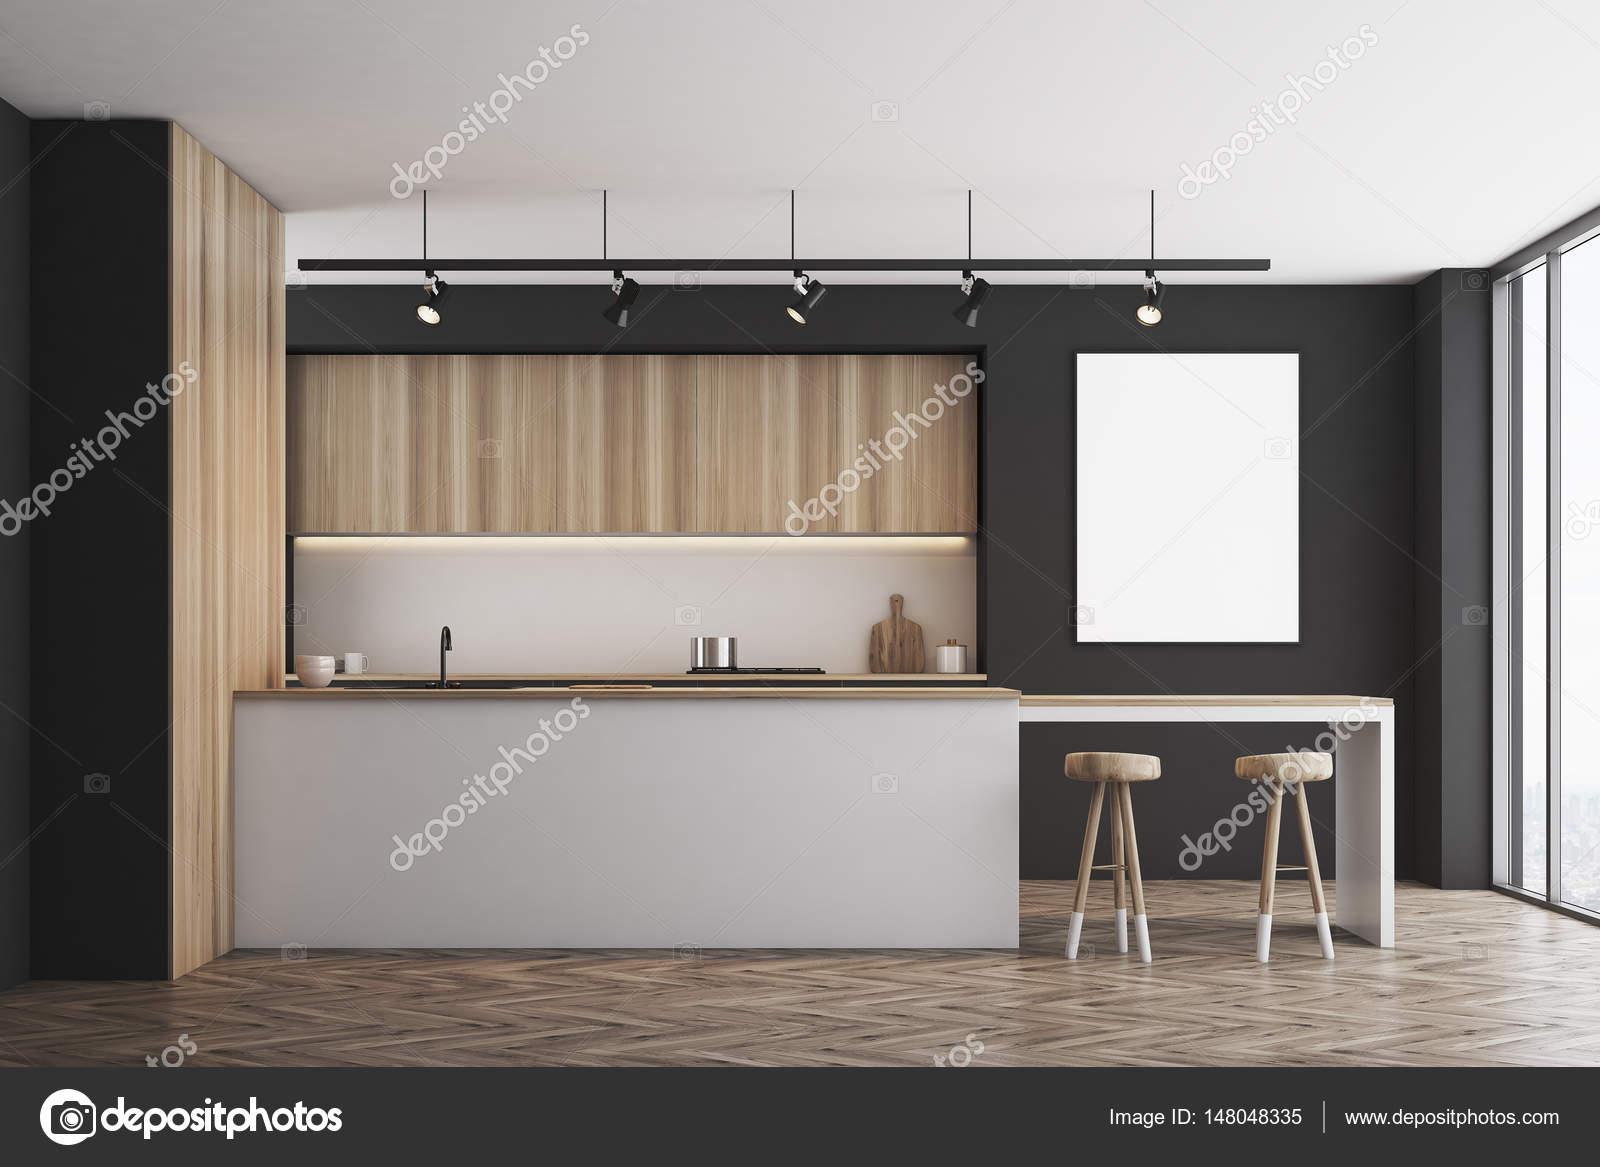 U küchen mit bar  Schwarze Küche mit Bar und Poster — Stockfoto © denisismagilov ...